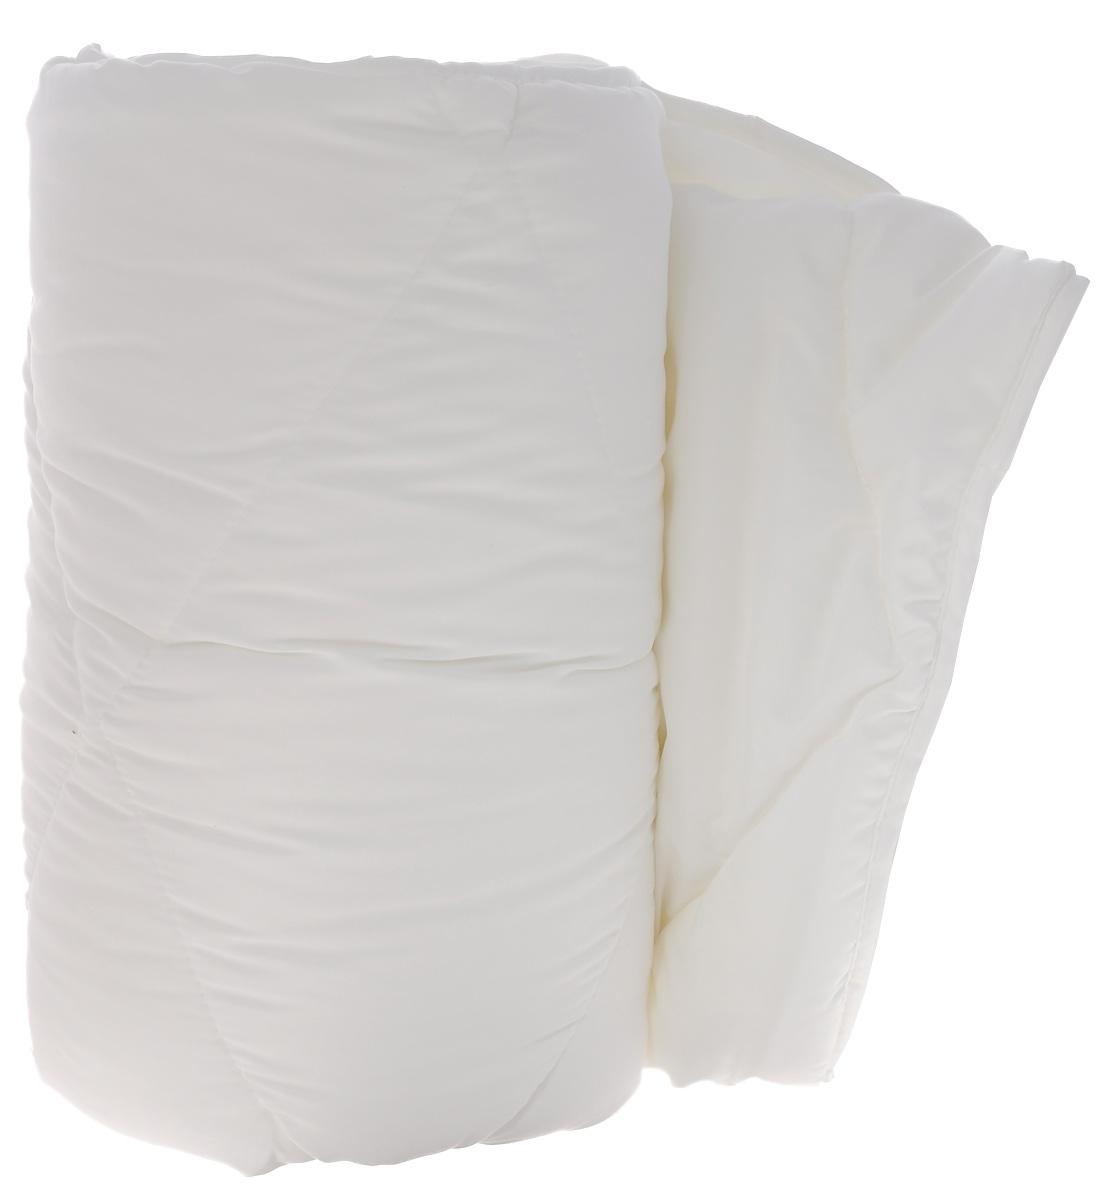 Одеяло Dargez Бомбей, легкое, наполнитель: бамбуковое волокно, цвет: белый, 140 см х 205 см22(23)341_белыйОдеяло Dargez Бомбей подарит комфорт и уют во время сна.Чехол одеяла, выполненный из микрофибры, оформлен фигурной стежкой, которая надежно удерживает наполнитель внутри.Волокно на основе бамбука - инновационный наполнитель, обладающий за счет своей пористой структуры хорошей воздухонепроницаемостью и высокой гигроскопичностью, обеспечивает оптимальный уровень влажности во время сна и создает чувство прохлады в жаркие дни. Антибактериальный эффект наполнителя достигается за счет содержания в нем специального компонента, а также за счет поглощения влаги, что создает сухой микроклимат, препятствующий росту бактерий.Основные свойства волокна:- хорошая терморегуляция,- свободная циркуляция воздуха,- антибактериальные свойства,- повышенная гигроскопичность,- мягкость и легкость,- удобство в эксплуатации и легкость стирки.Рекомендации по уходу:- Стирка при температуре не более 40°С.- Запрещается отбеливать, гладить. - Можно выжимать и сушить в стиральной машине.